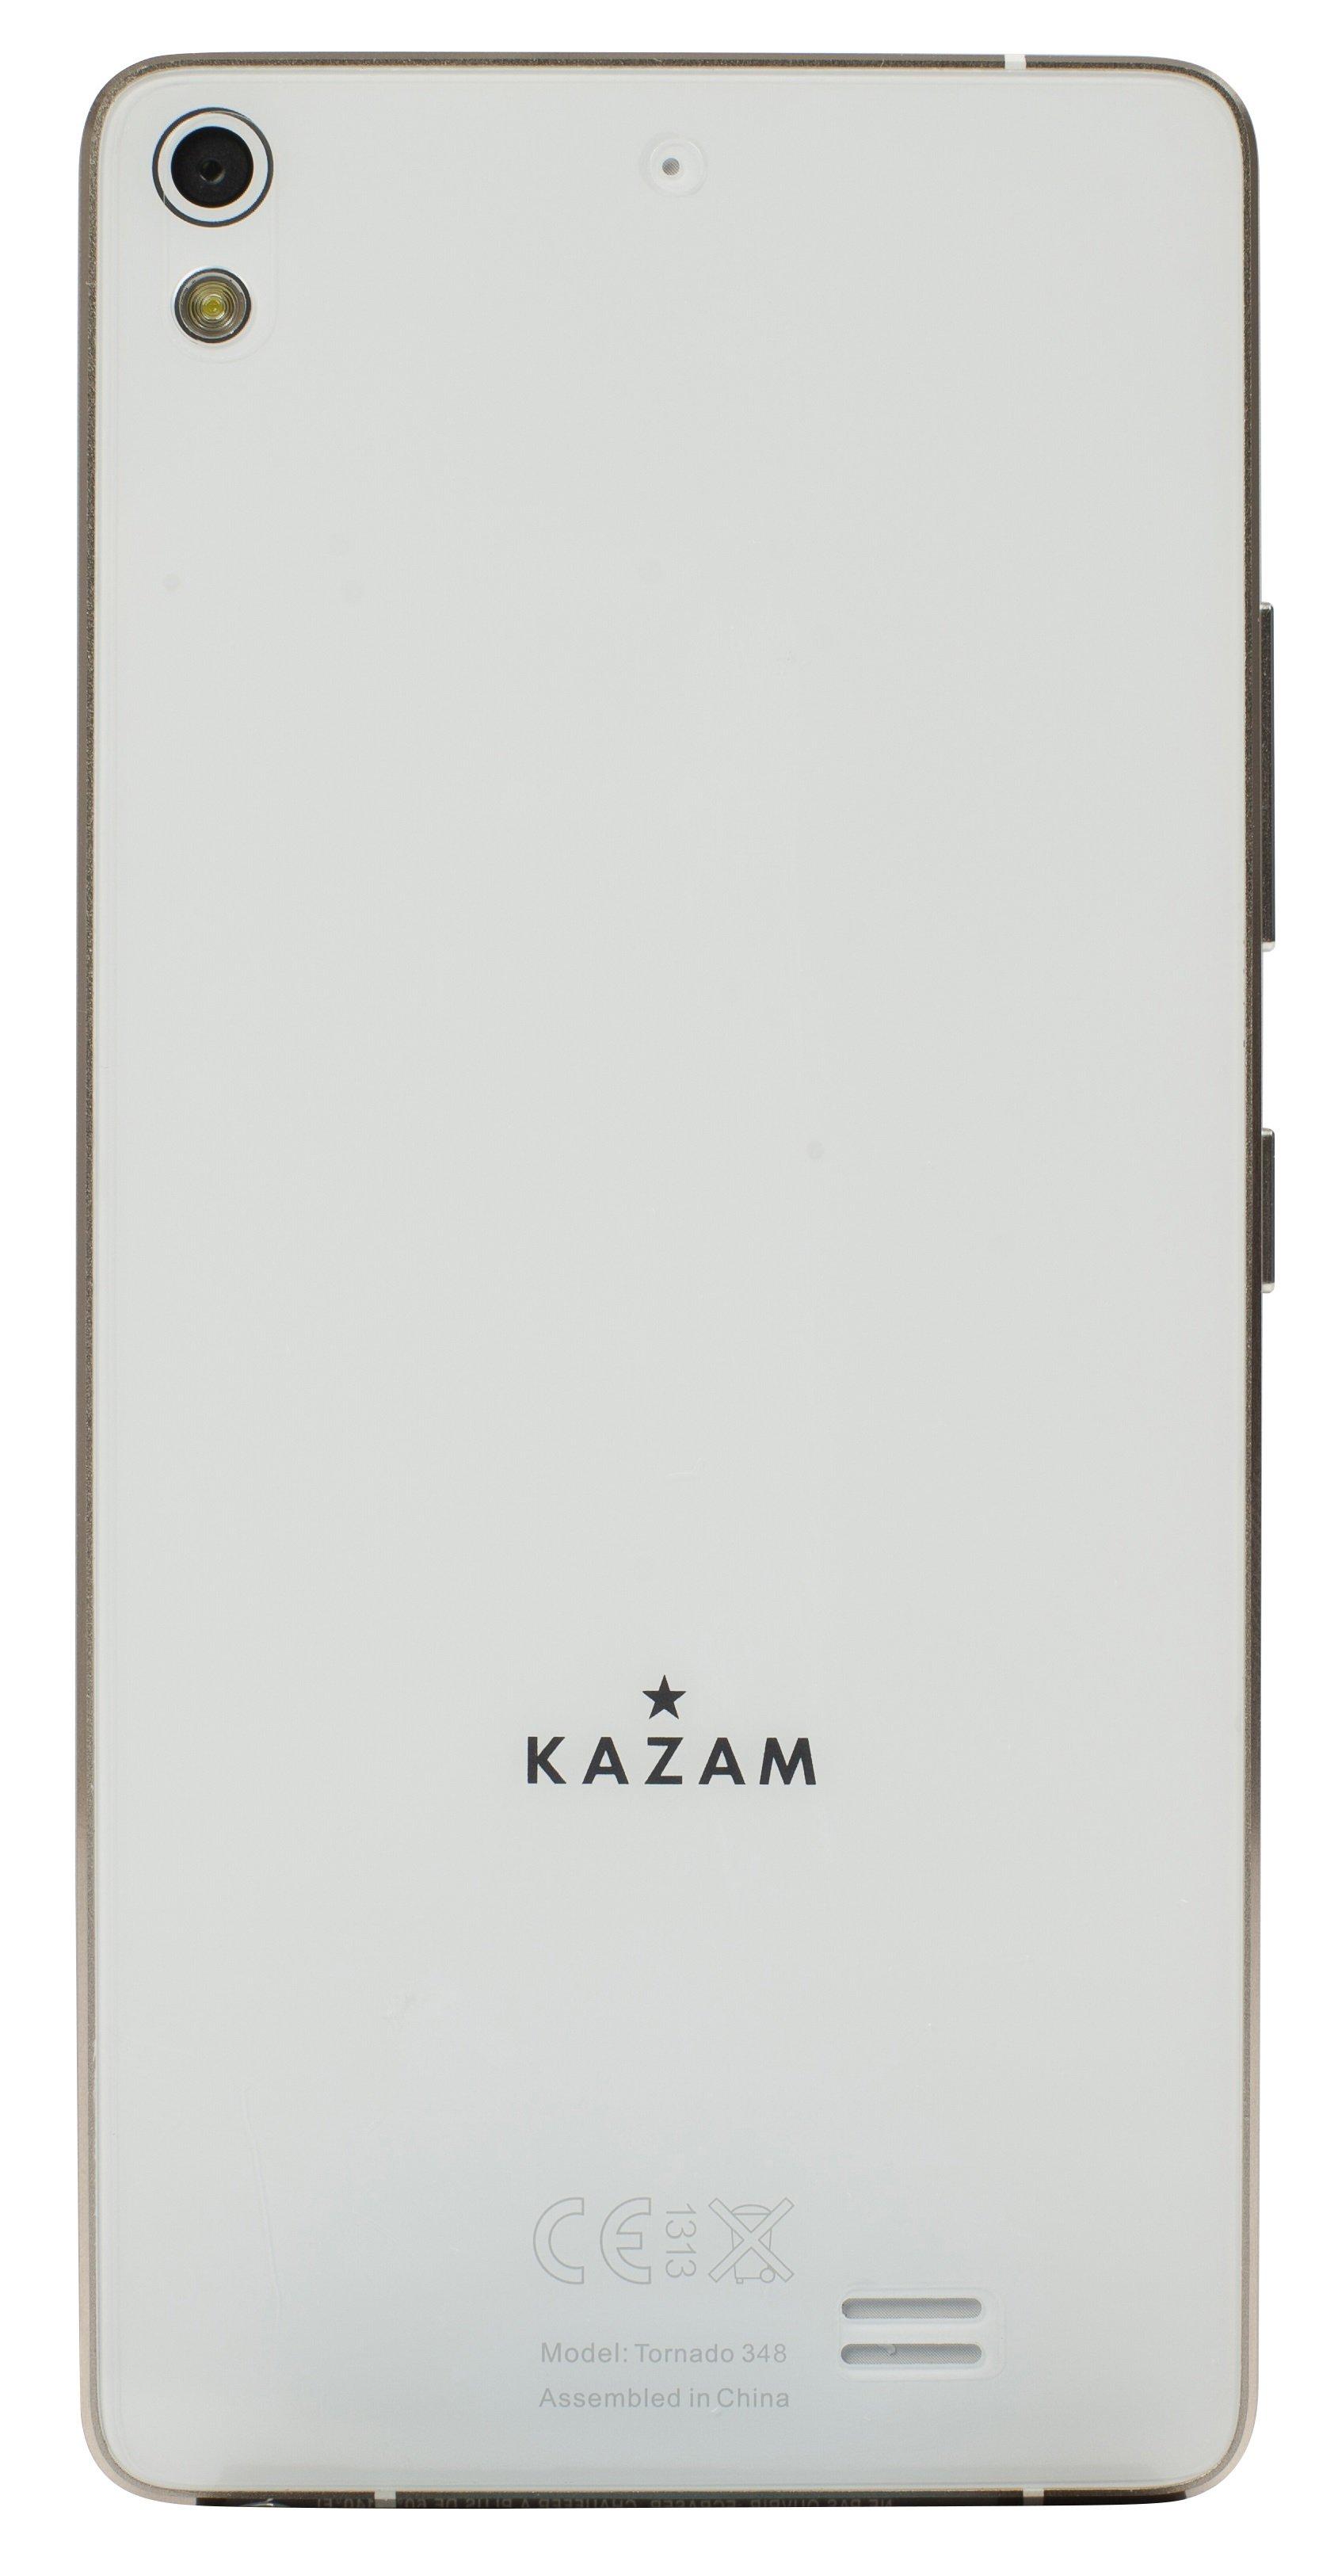 Kazam Tornado 348 review